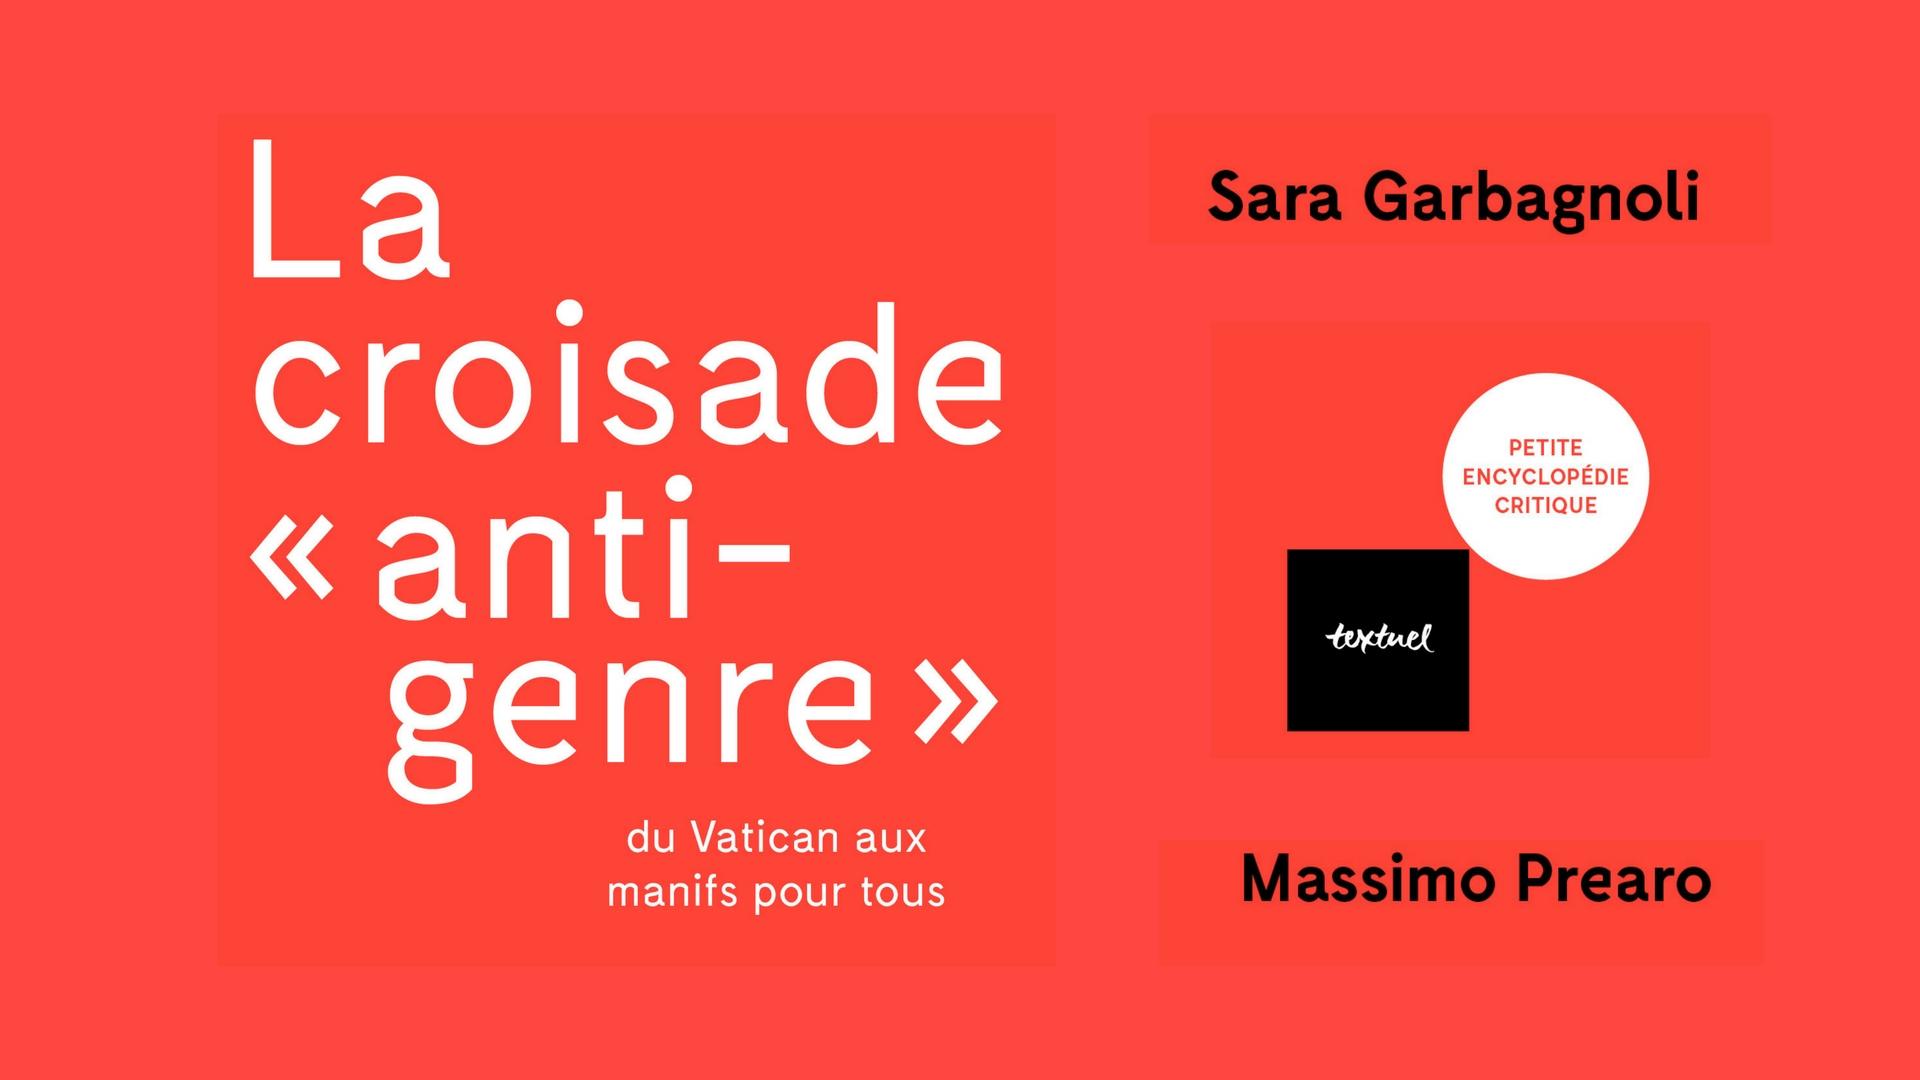 garbagnoli-prearo-la-croisade-anti-genre-editions-textuel